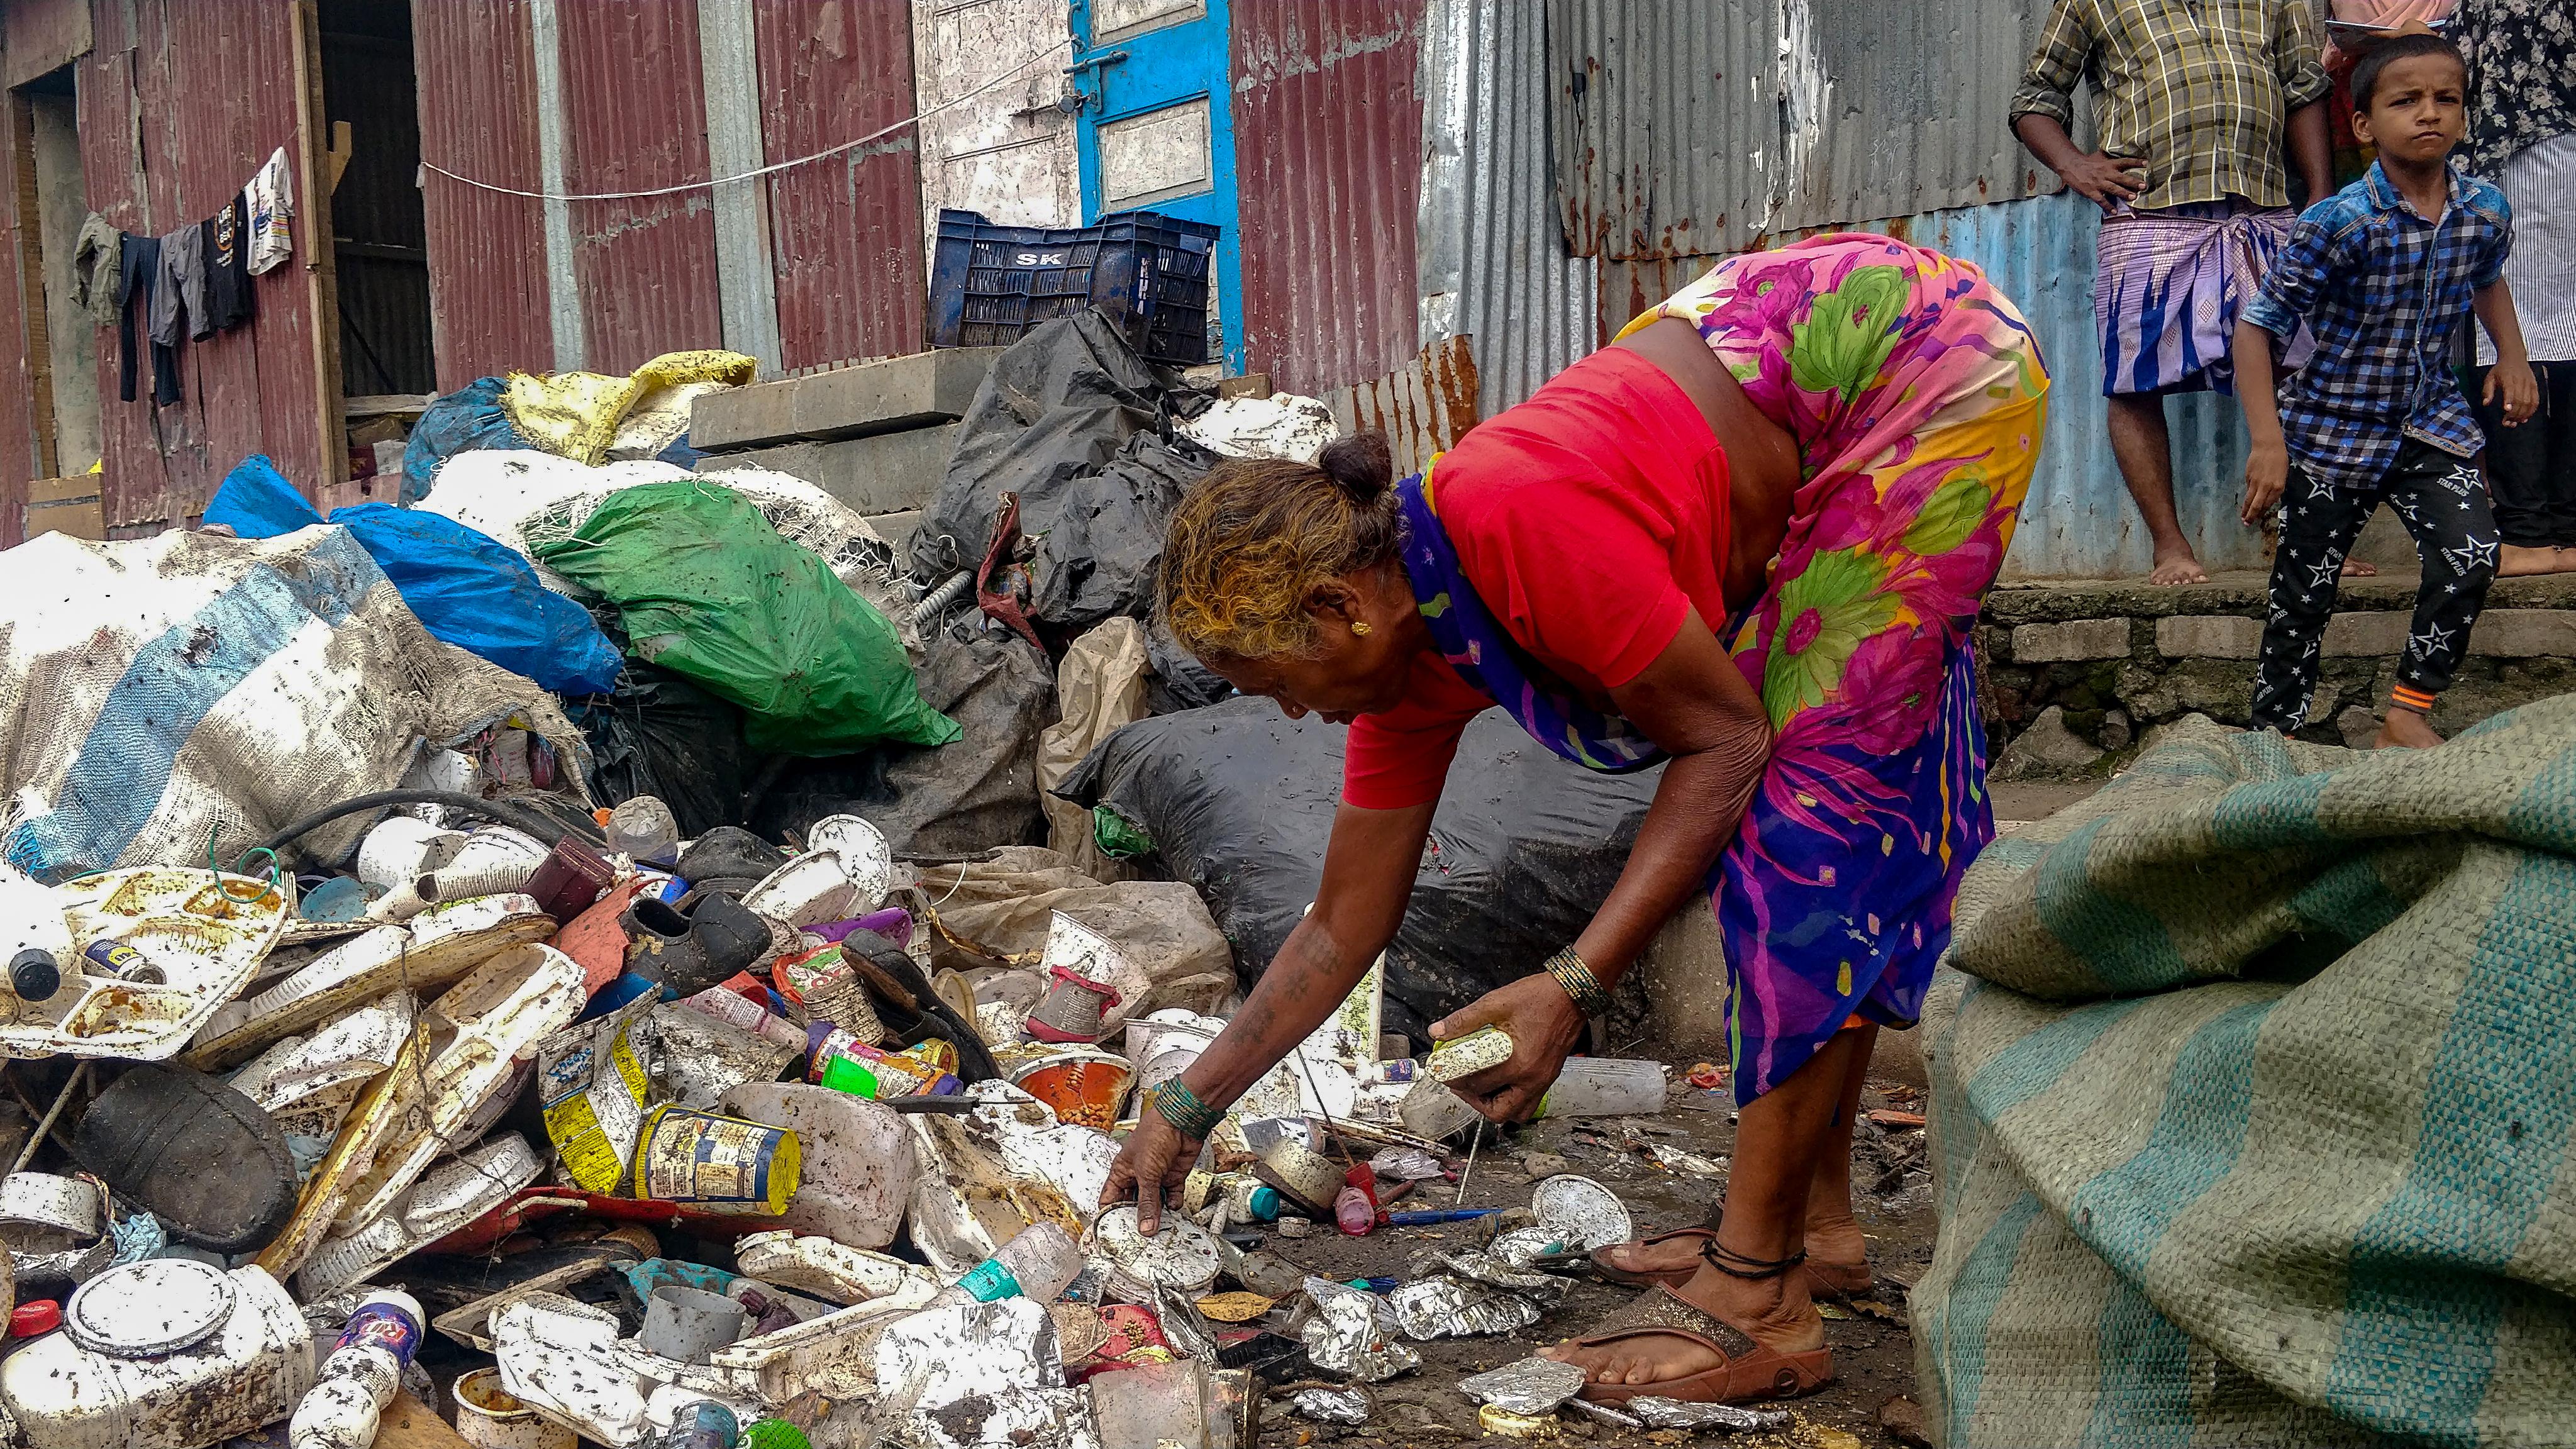 1568801879192-Ragpickers-at-Deonar-garbage-dump-9